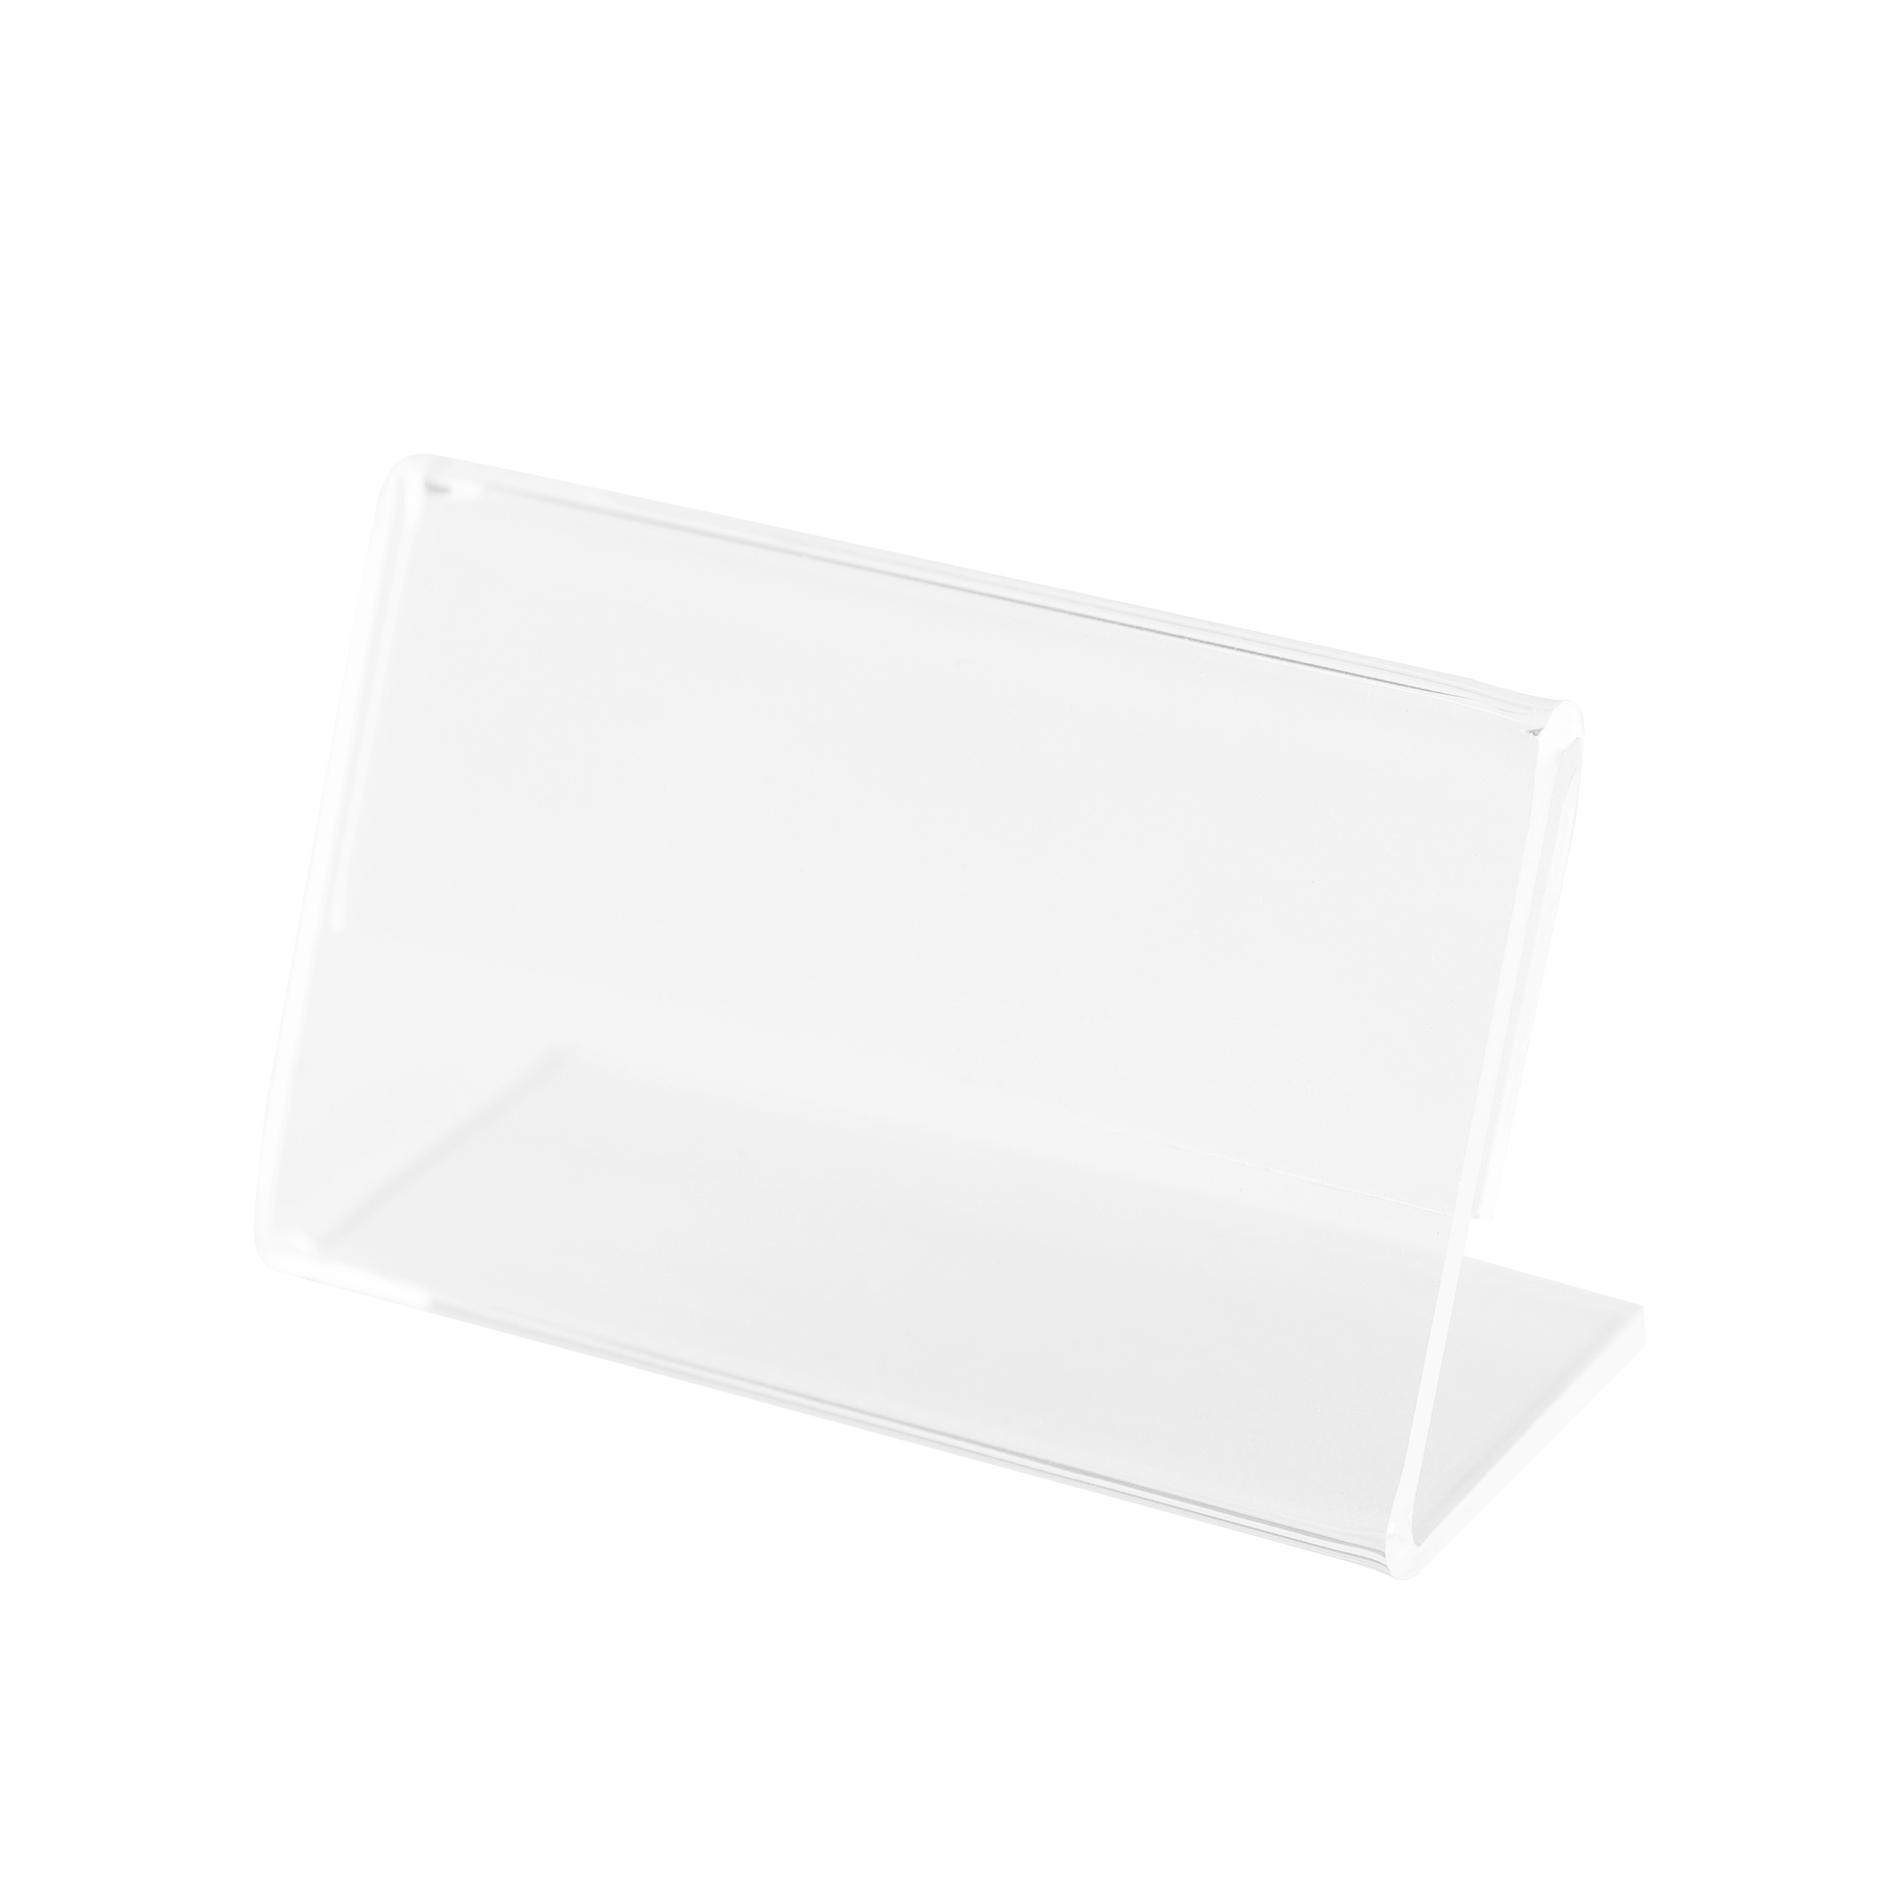 Kit Porta Preço Transparente 7x4,5cm - 10 Unidades